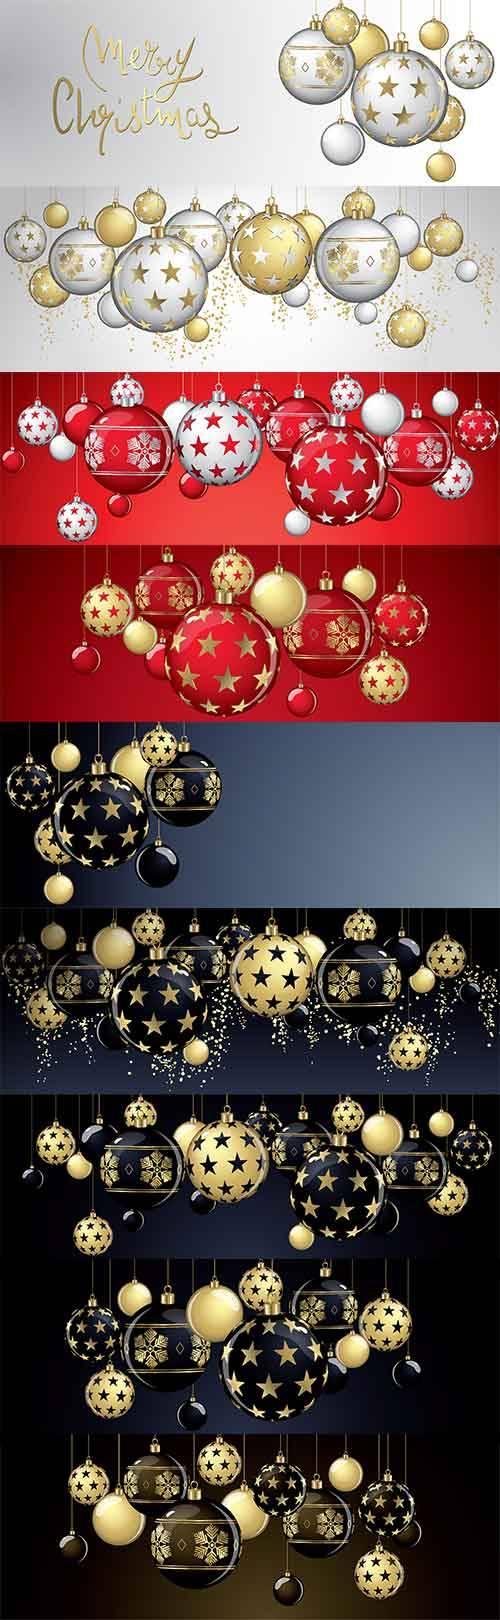 Новогодние шары - Векторный клипарт / Christmas balls - Vector Graphics